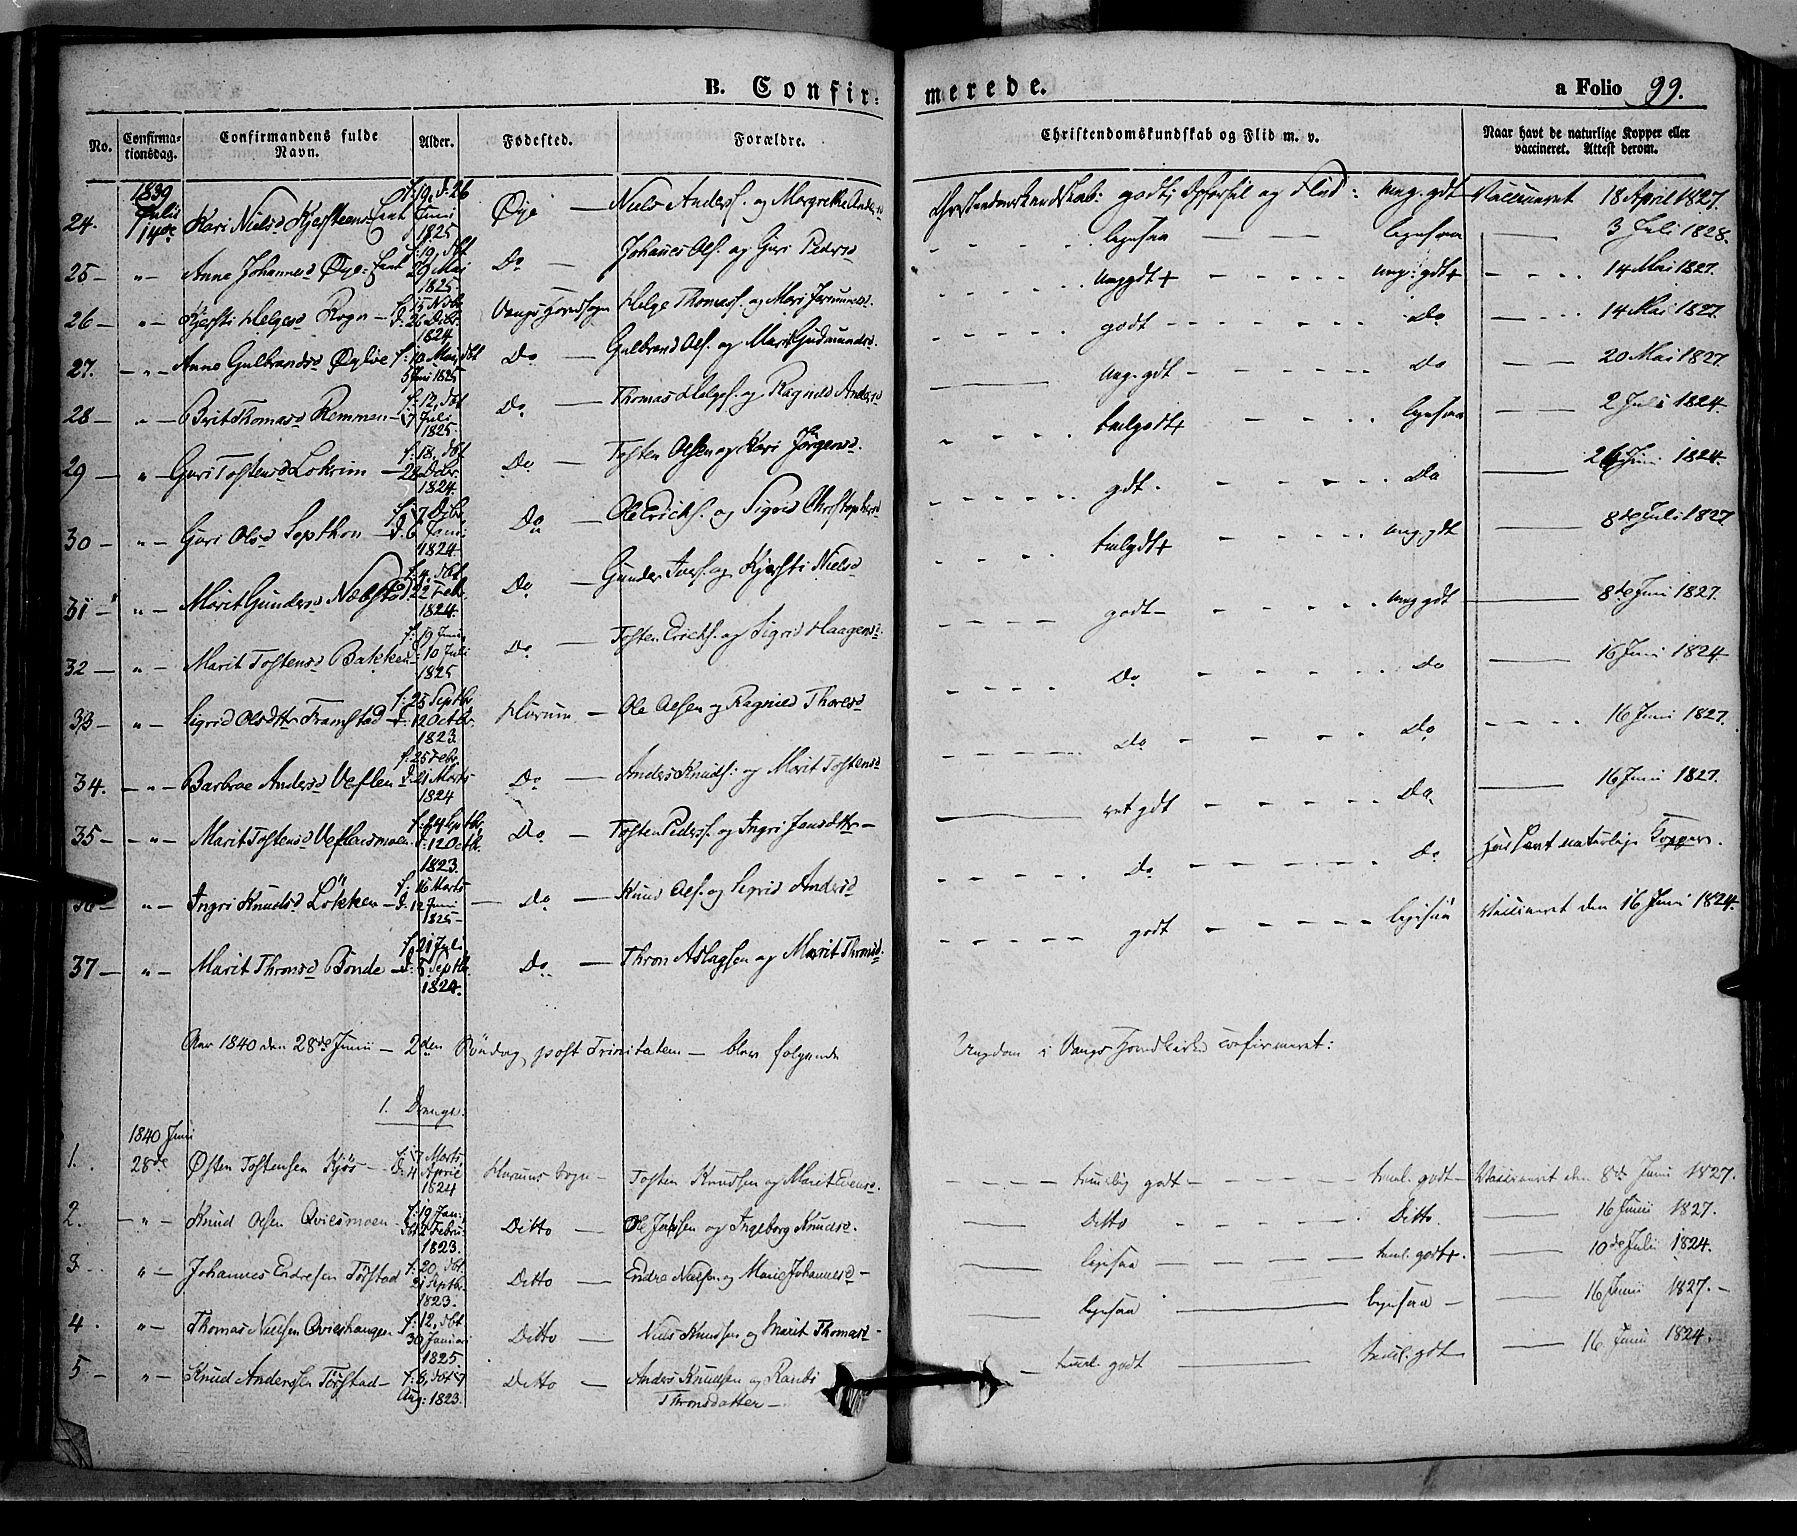 SAH, Vang prestekontor, Valdres, Ministerialbok nr. 5, 1831-1845, s. 99